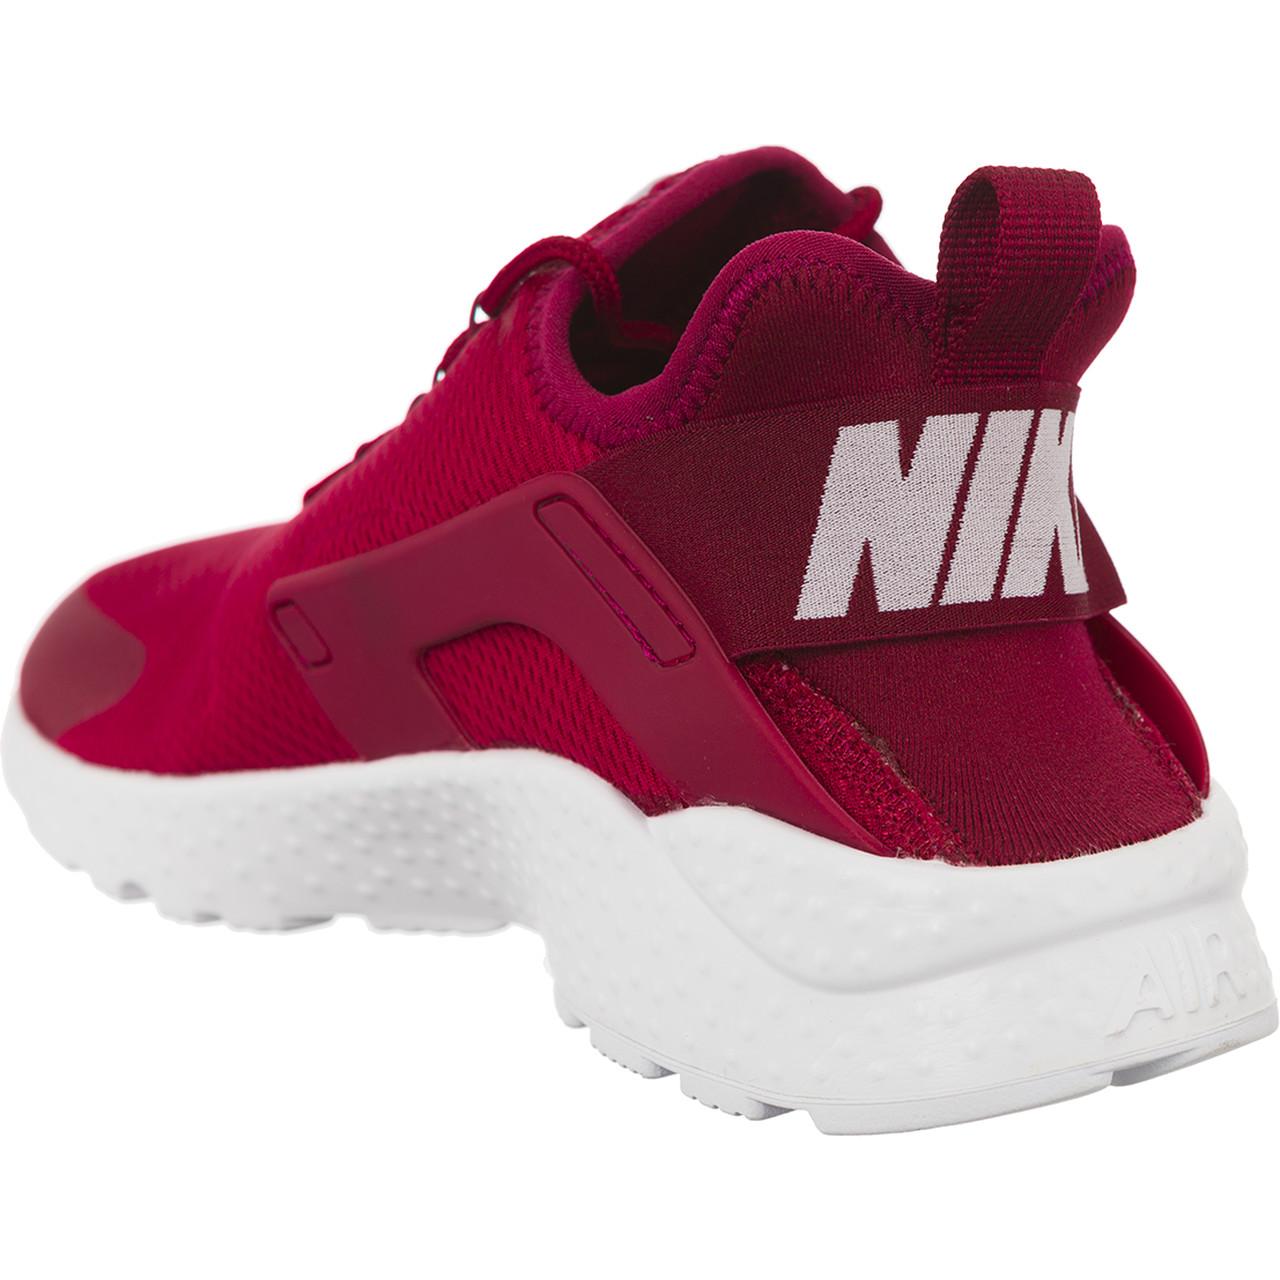 tanie trampki uznane marki brak podatku od sprzedaży Buty Nike W Air Huarache Run Ultra 601 - eastend.pl